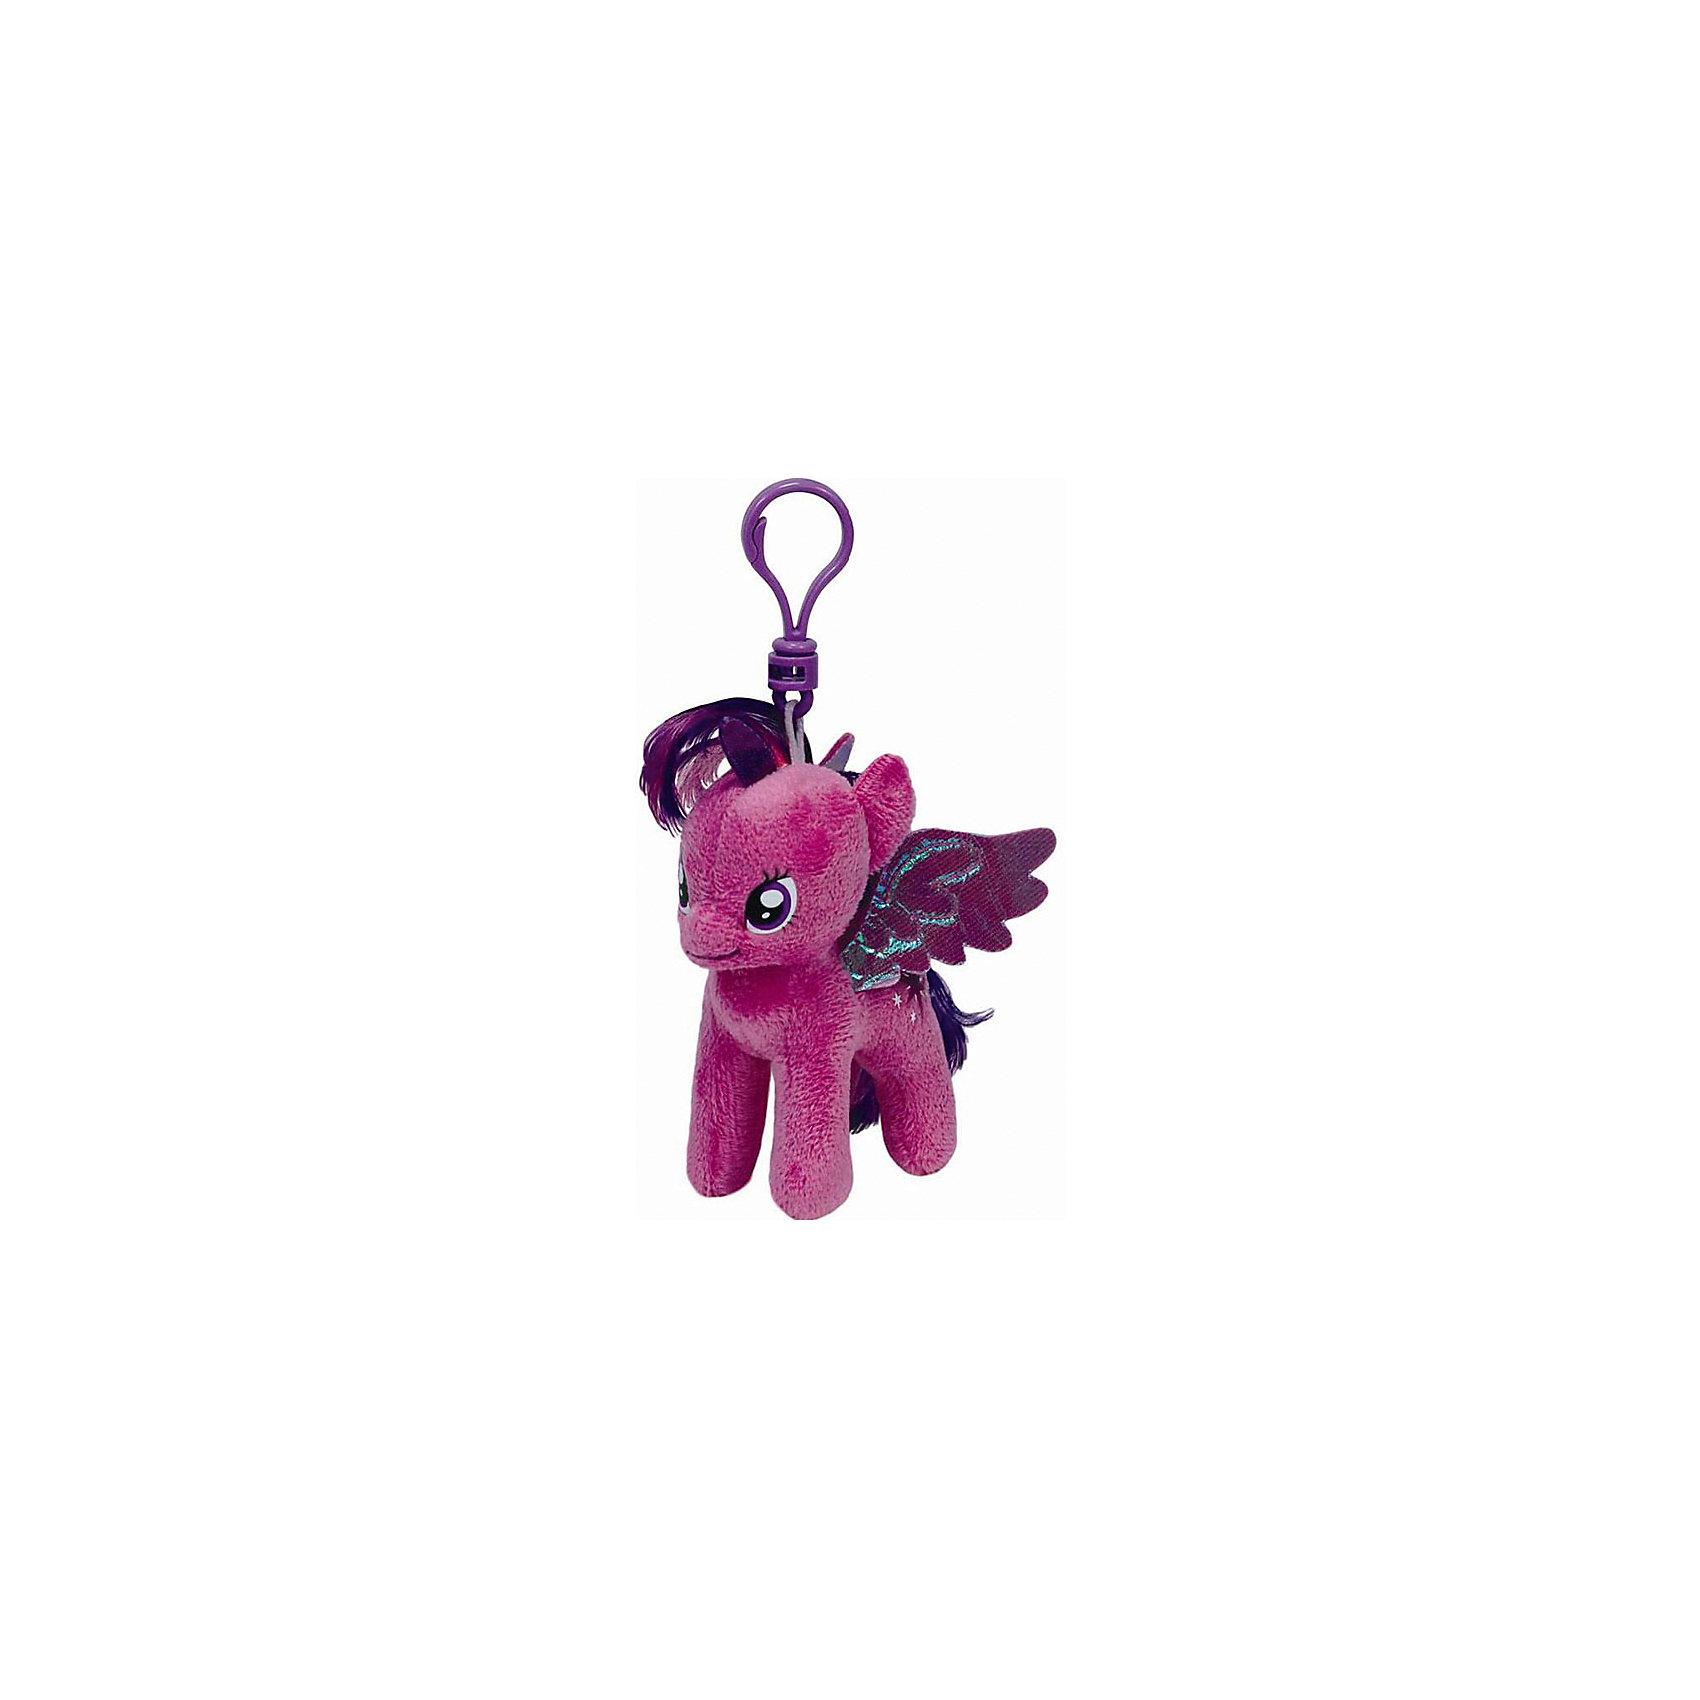 Пони Сумеречная искорка, My Little Pony, TyЗвери и птицы<br>Маленькие девочки очень любят животных. Особенно любят лошадей. Для маленькой девочки нужна и маленькая лошадка. Такой лошадкой является пони. Вашей дочке обязательно понравится красивая малышка: Pony Twilight Sparkle (Пони  Сумеречная искорка), которая станет новой любимицей ребенка. Чудесная милая Пони имеет яркую красивую раскраску. Большие выразительные глаза пони смотрят с такой трогательной добротой, что так и хочется взять игрушку  на руки и заботиться об этой малютке. Мягкая игрушка оснащена удобным карабином, при помощи которого ее можно прикрепить к сумочке или к рюкзаку, чтобы никогда не расставаться!<br><br>Дополнительная информация:<br><br>- Игрушка развивает: тактильные навыки, зрительную координацию, мелкую моторику рук;<br>- Идеальный подарок для любителей серии: My Little Pony (Моя Маленькая Пони);<br>- Материалы не вызовут аллергии у Вашего малыша;<br>- Игрушка оснащена карабином, для крепления к сумочке;<br>- Яркие и стойкие цвета приятны для глаз;<br>- Материал: плюш, пластик;<br>- Высота игрушки: 15 см<br><br>Pony Twilight Sparkle (Пони  Сумеречная искорка), 15 см, My Little Pony, Ty можно купить в нашем интернет-магазине.<br><br>Ширина мм: 150<br>Глубина мм: 150<br>Высота мм: 152<br>Вес г: 29<br>Возраст от месяцев: 36<br>Возраст до месяцев: 120<br>Пол: Унисекс<br>Возраст: Детский<br>SKU: 3676489